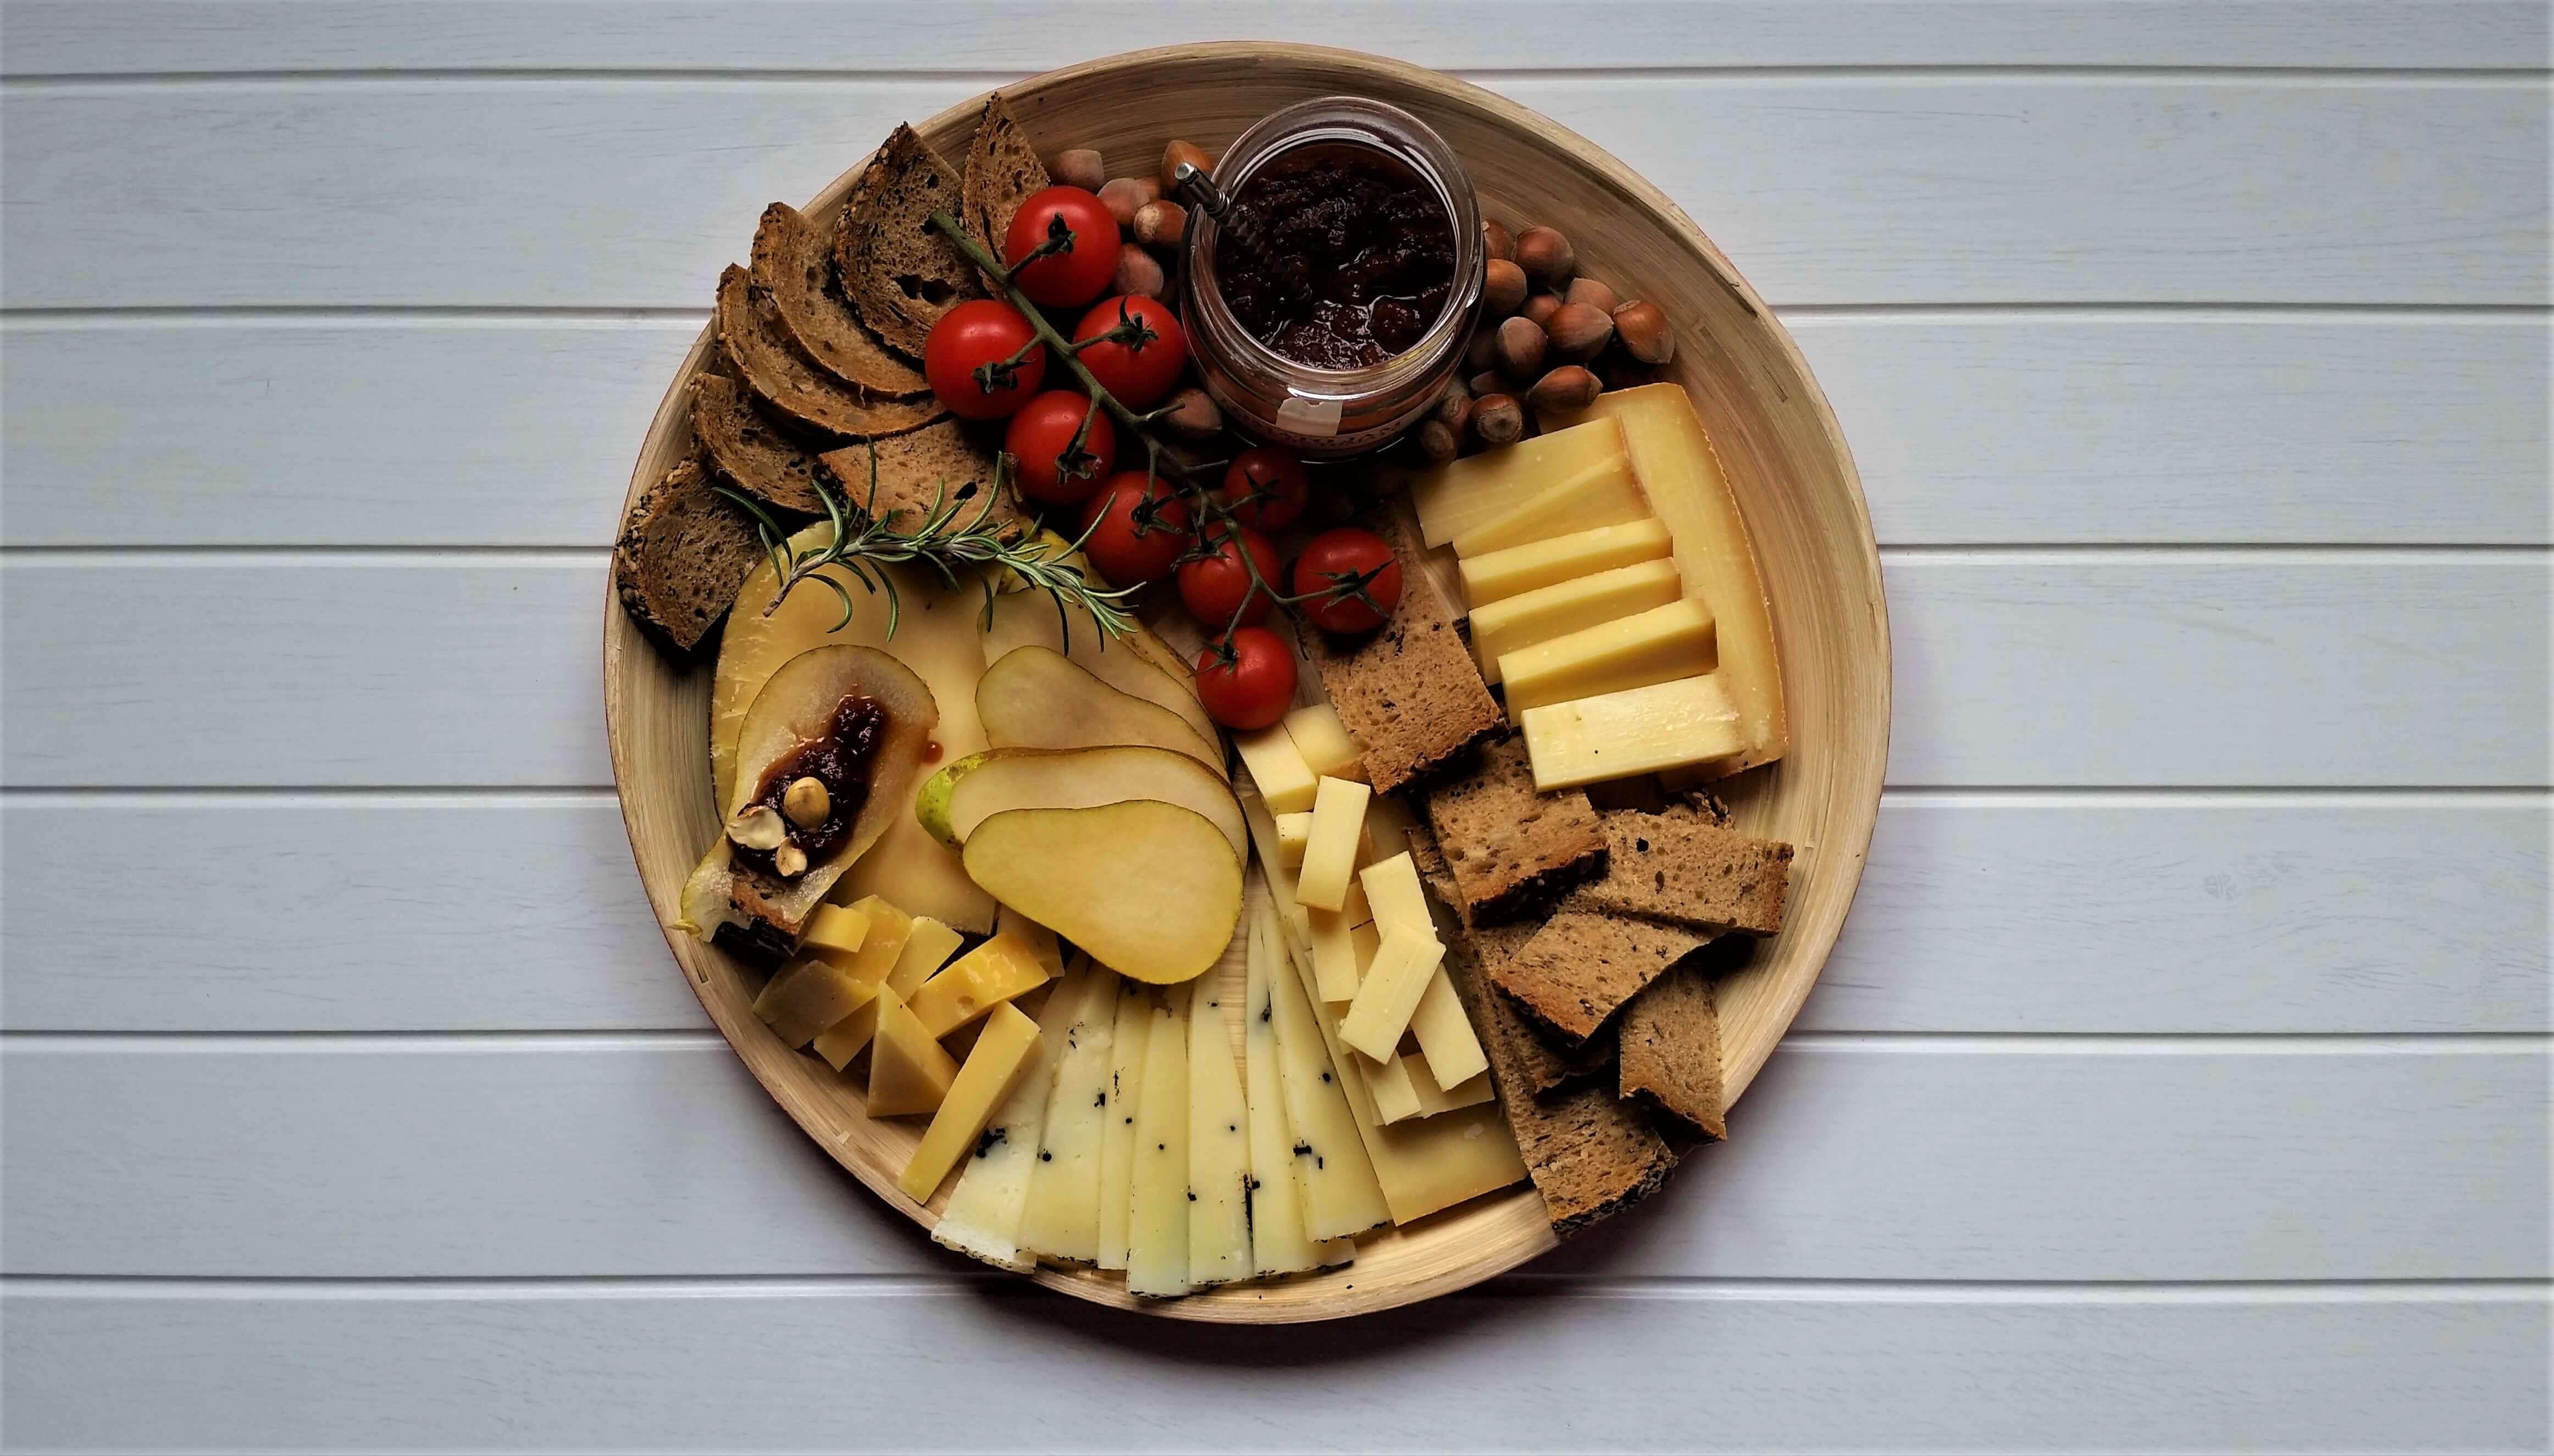 Tabla de quesos y pera